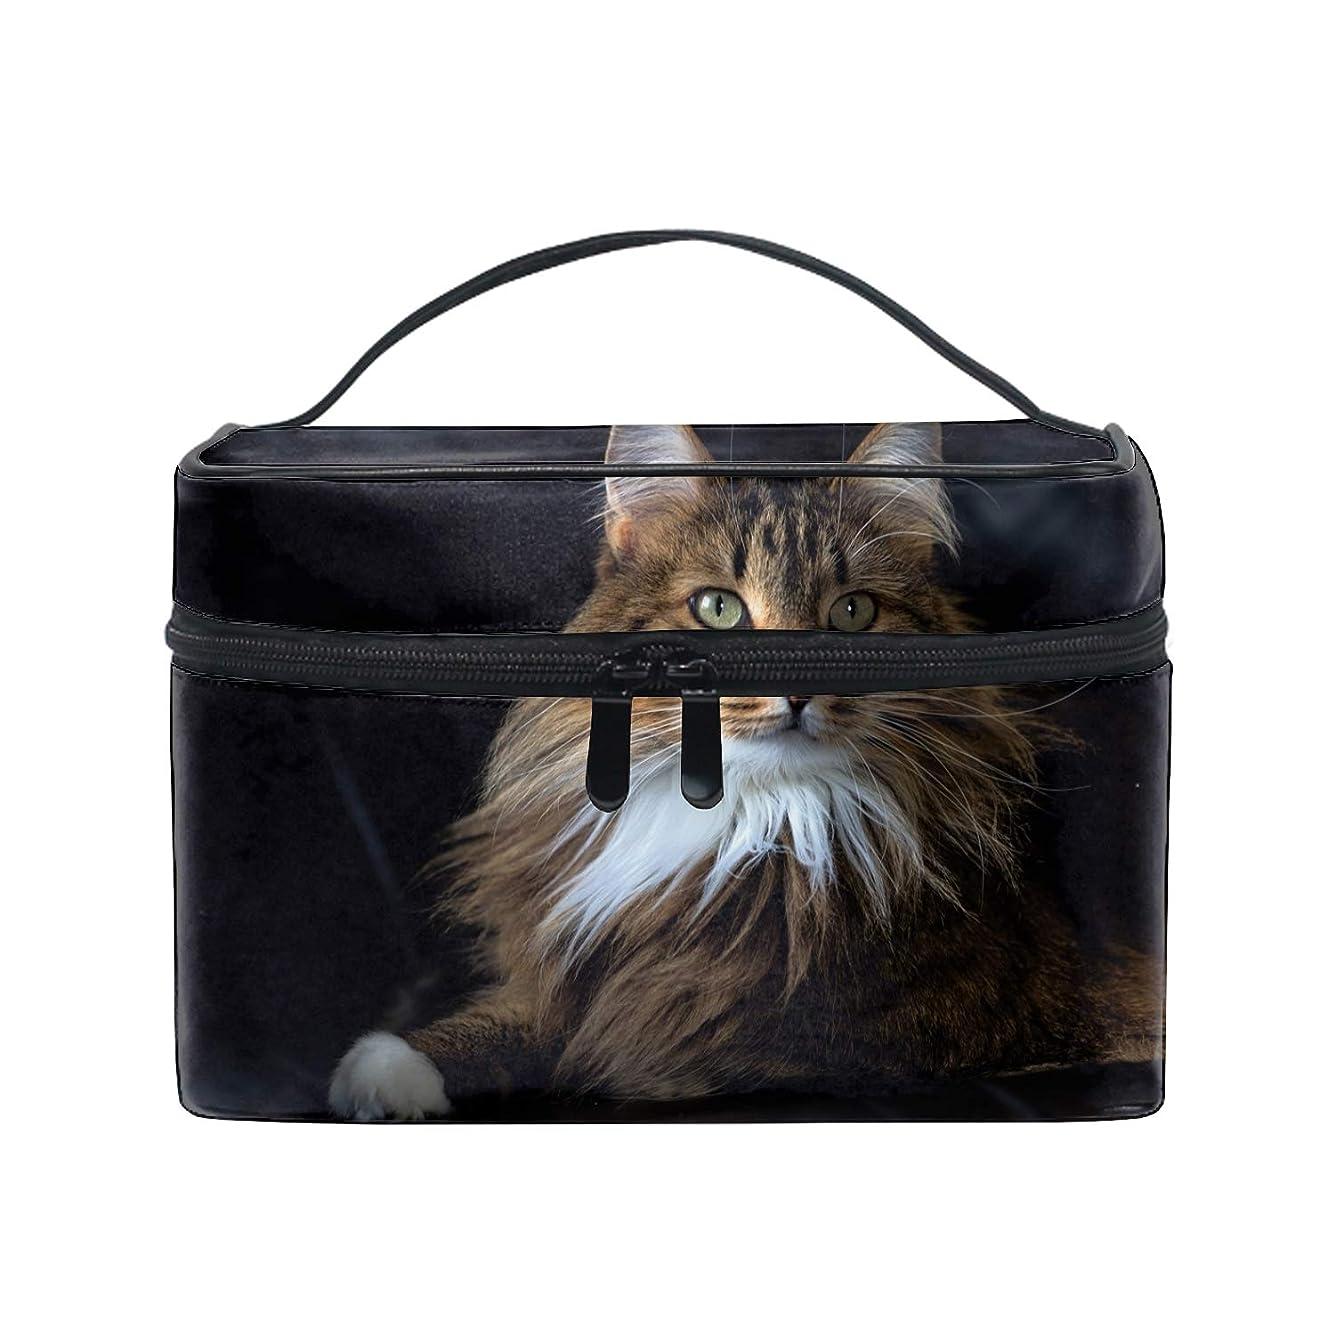 ガイドライン原告エンジン便携式メインクーンふわふわ猫ブラウンクーン メイクボックス 收納抜群 大容量 可愛い 化粧バッグ 旅行